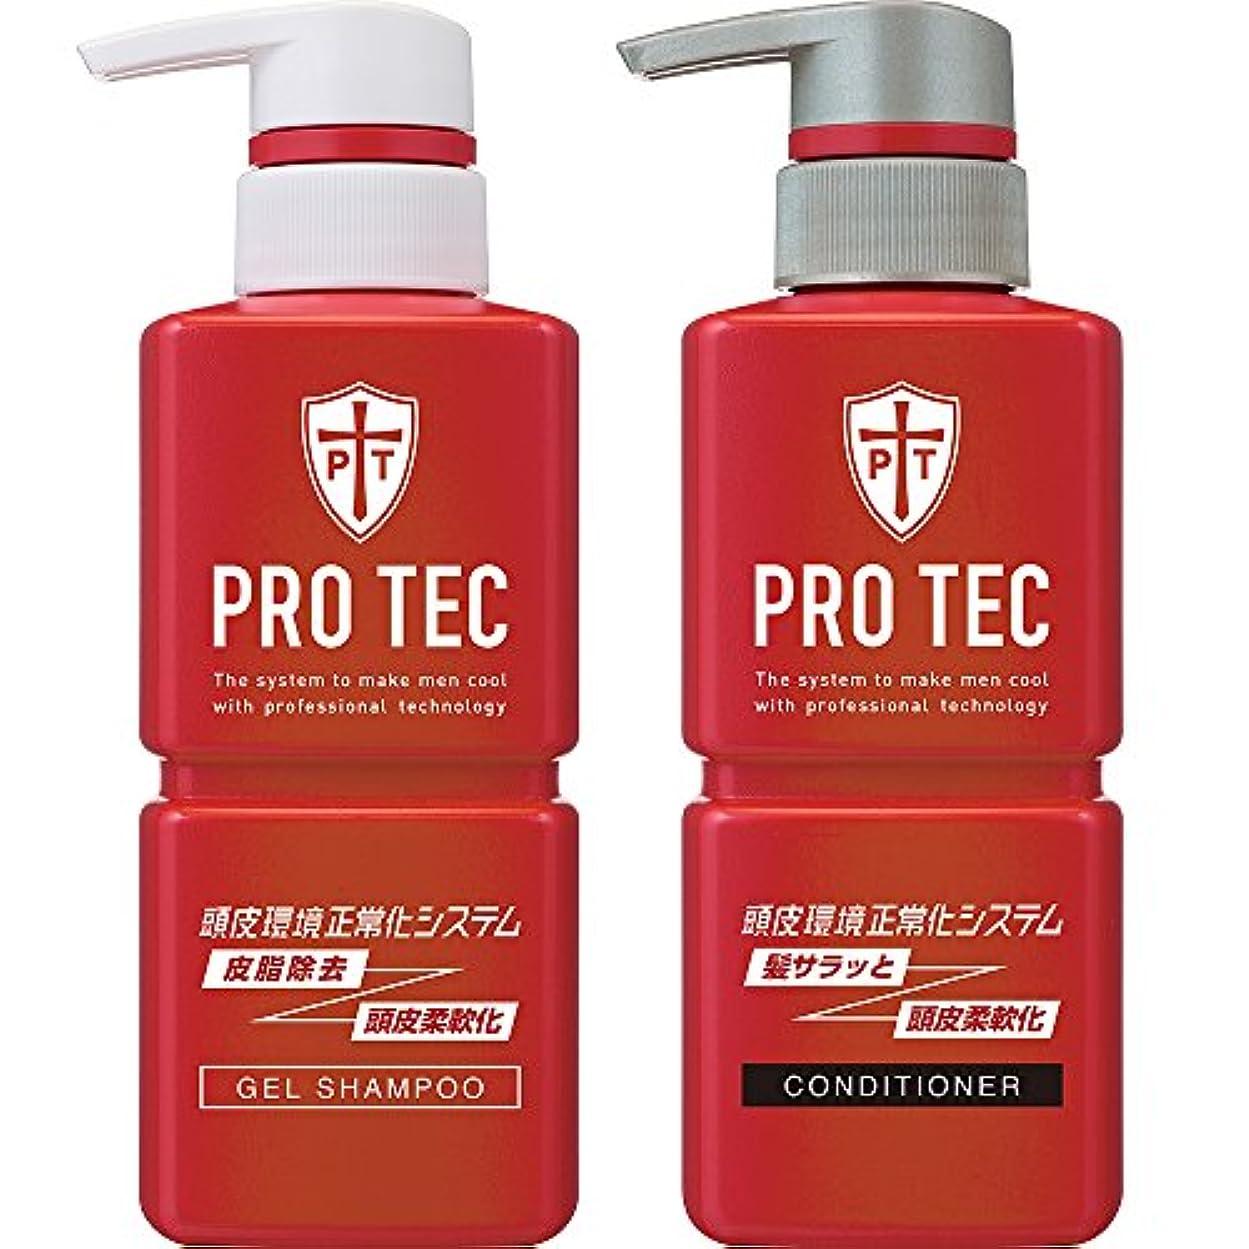 ベジタリアン国民投票聡明PRO TEC(プロテク) 頭皮ストレッチ シャンプー ポンプ 300g(医薬部外品)+ コンディショナー ポンプ 300g